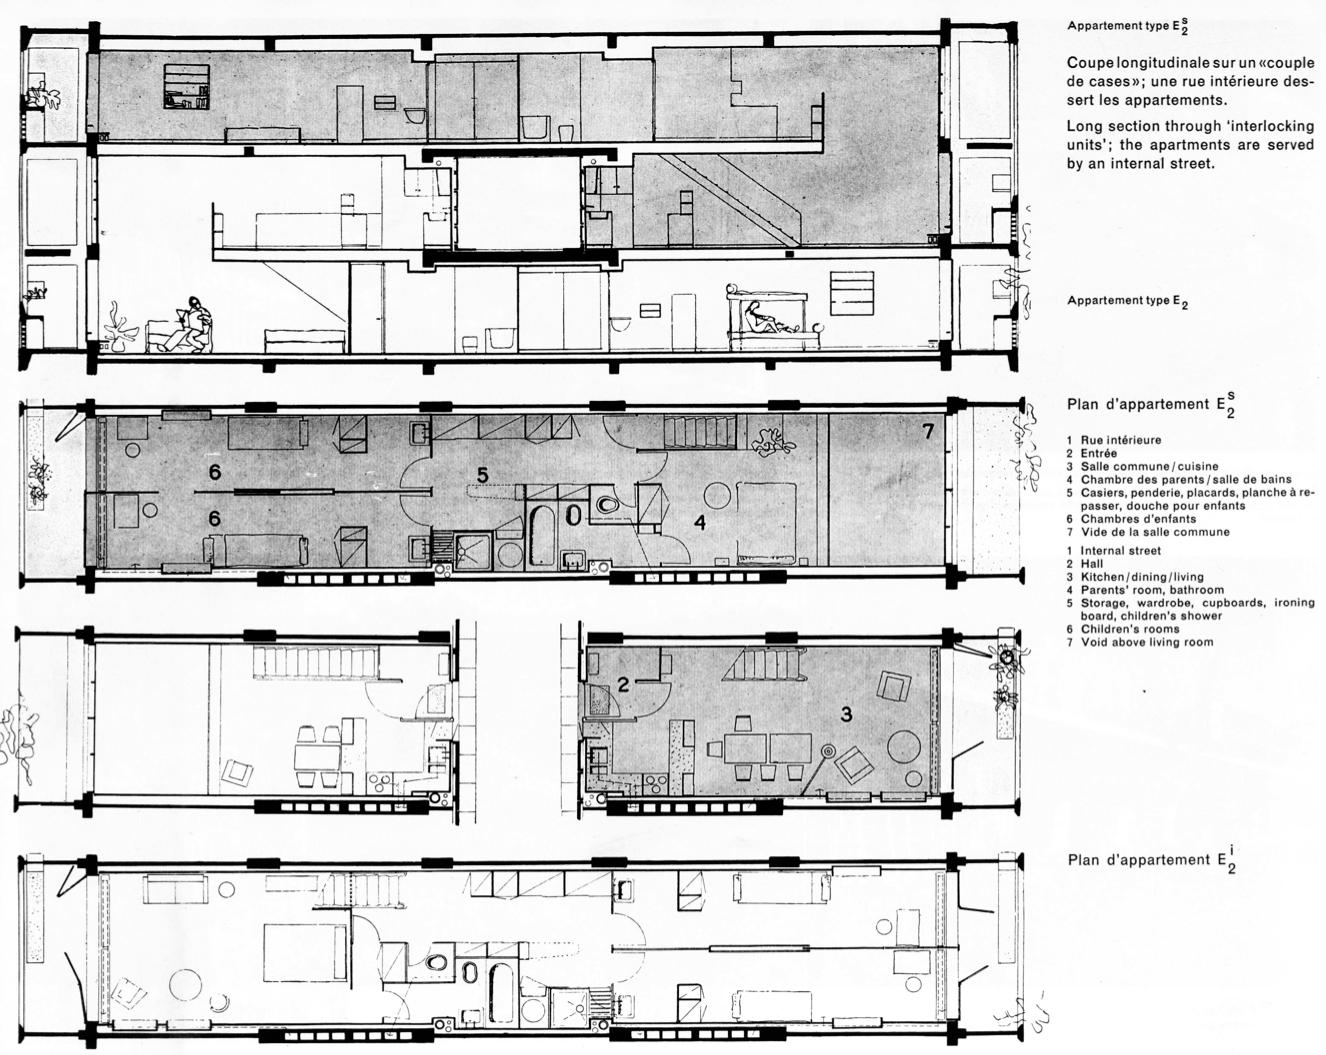 Le corbusier unite d habitation marseille france for Plan habitation